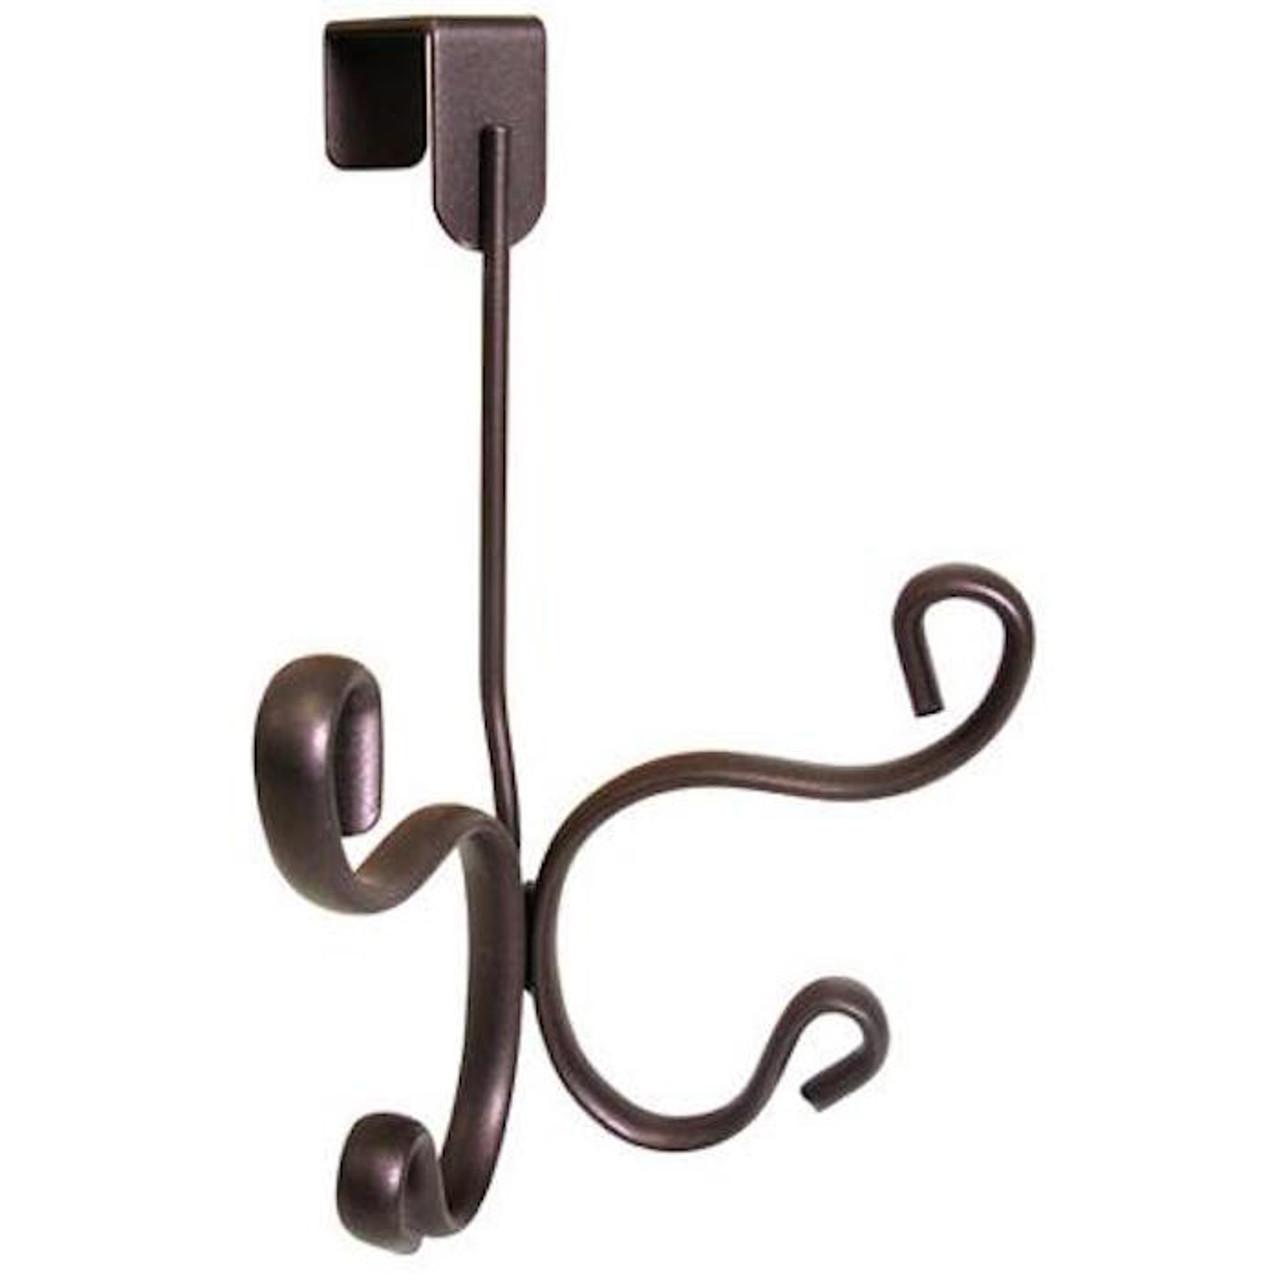 02243W Interdesign Over The Door Scroll Robe Hook